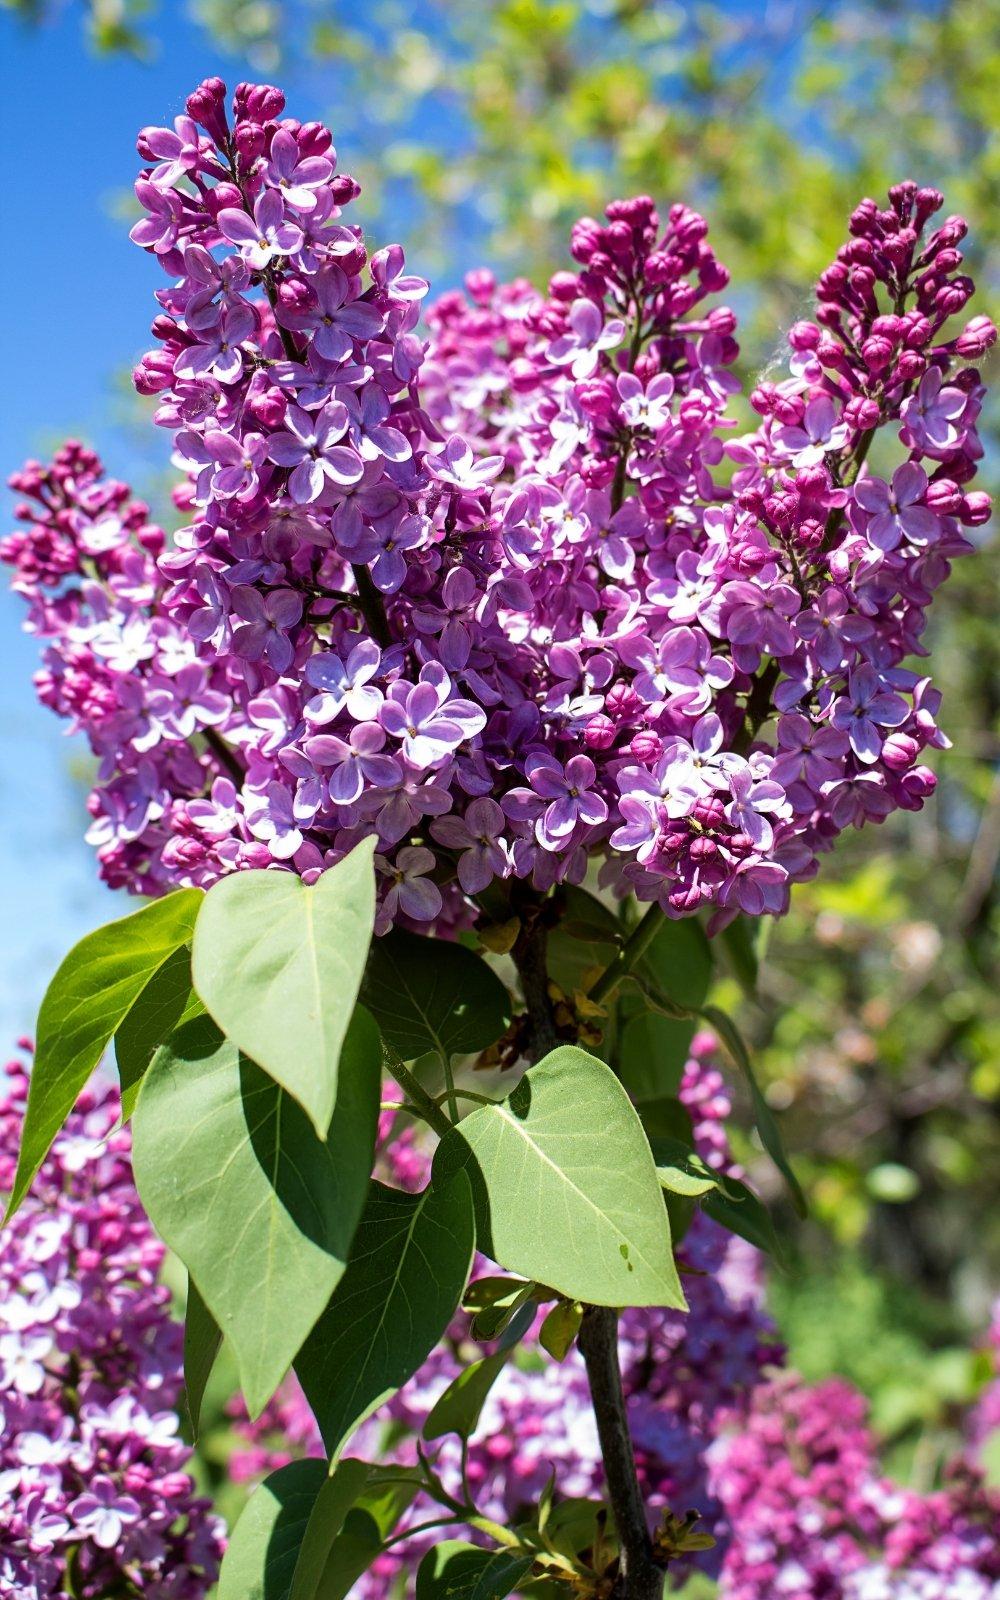 lilacs, spring in boston ma; spring in boston; spring flowers in boston, ma; spring boston things to do